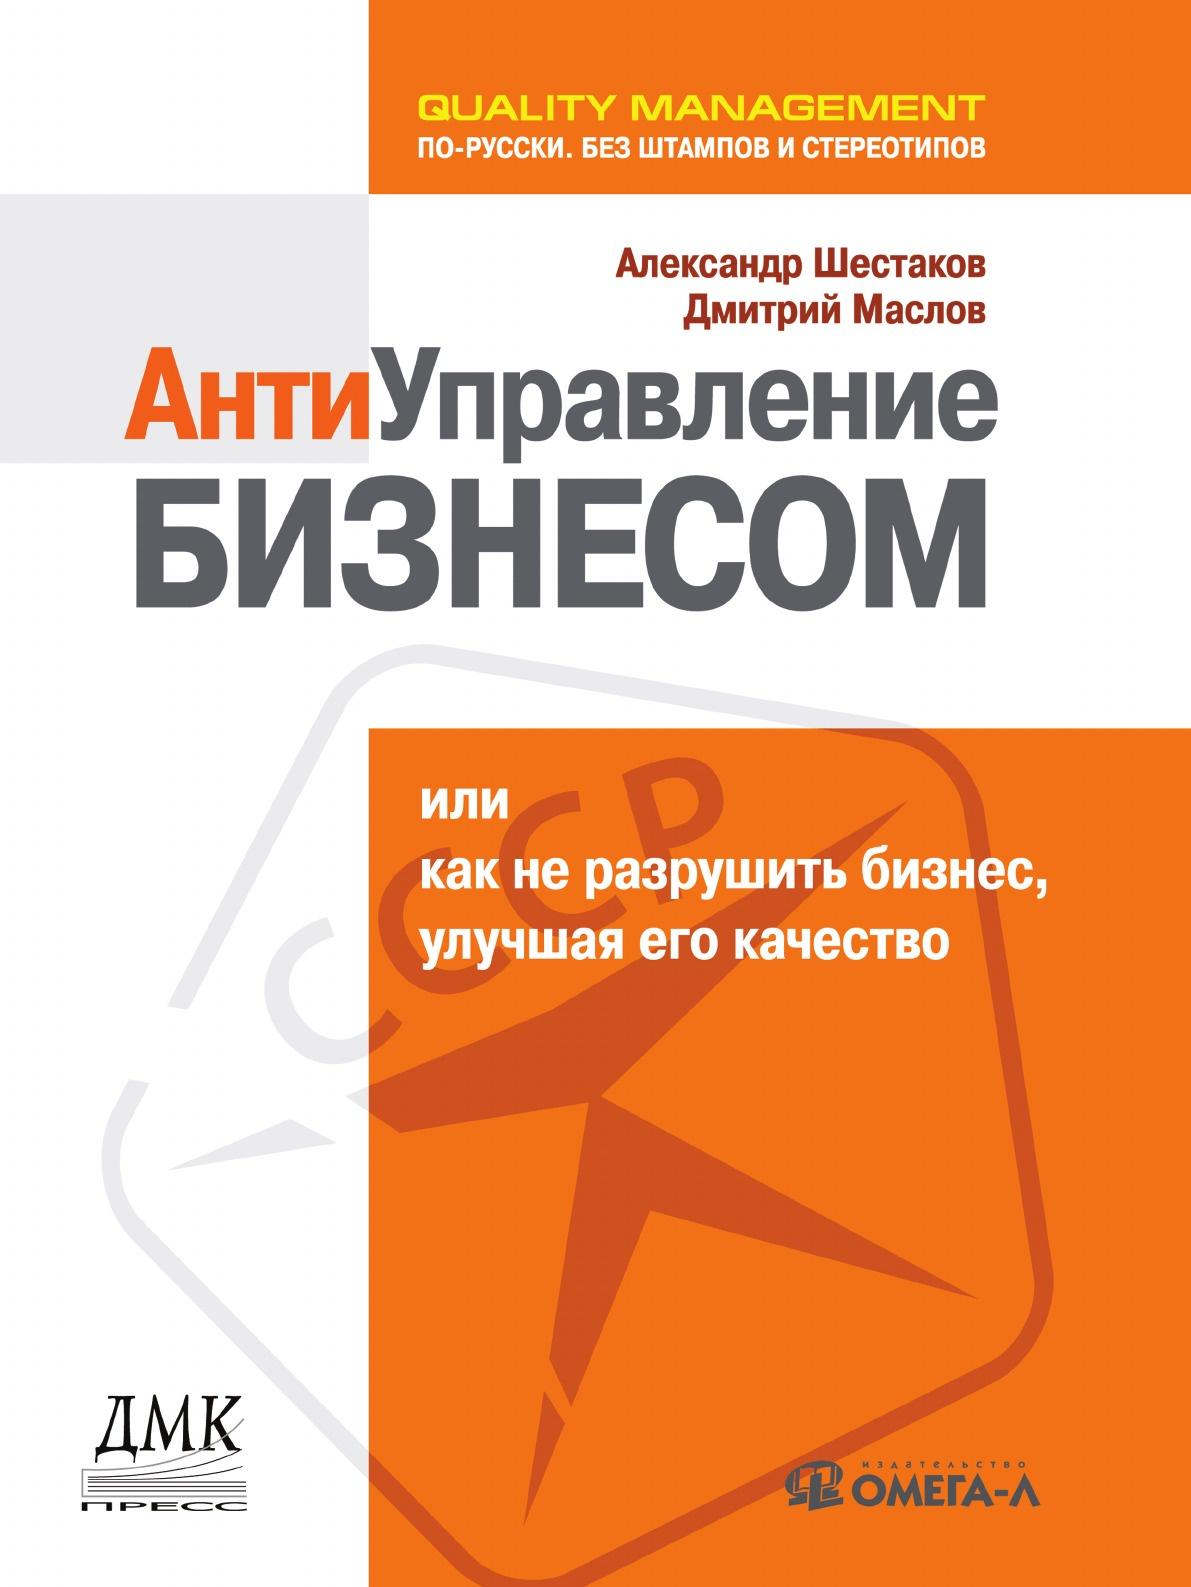 А. Шестаков, Д. Маслов Антиуправление бизнесом, или Как не разрушить бизнес, улучшая его качество